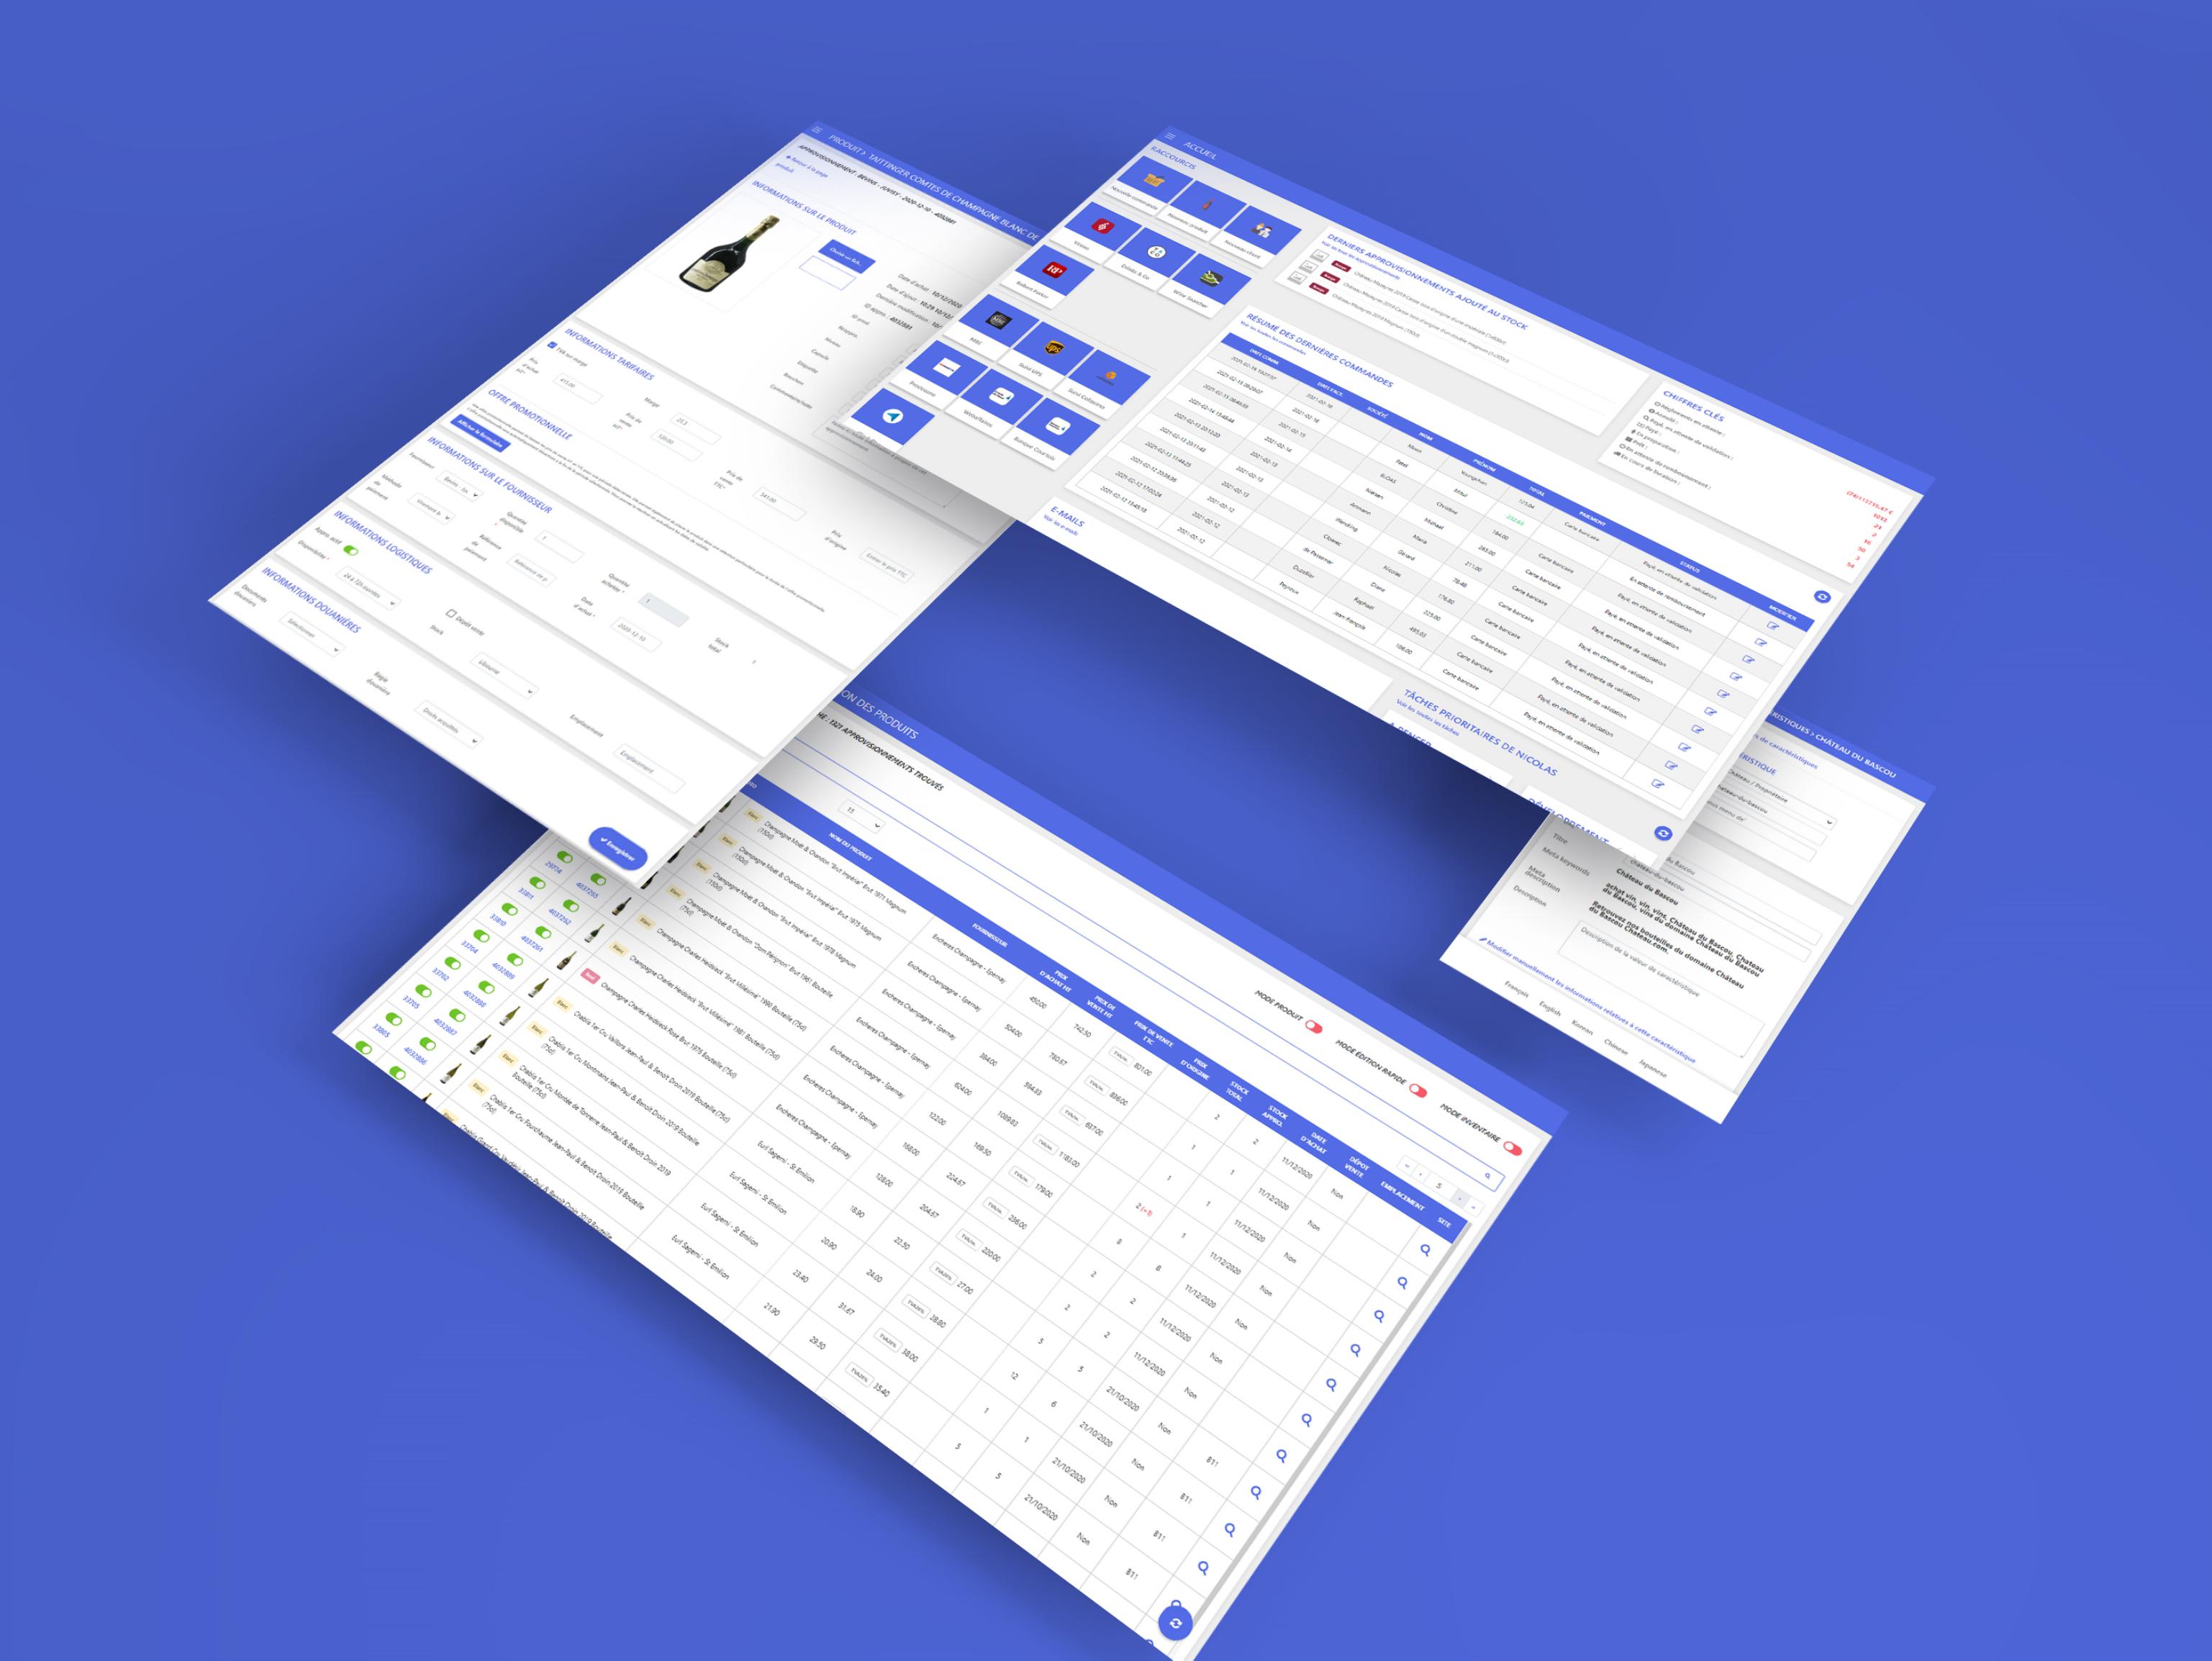 Webdesign et intégration d'une interface d'administration